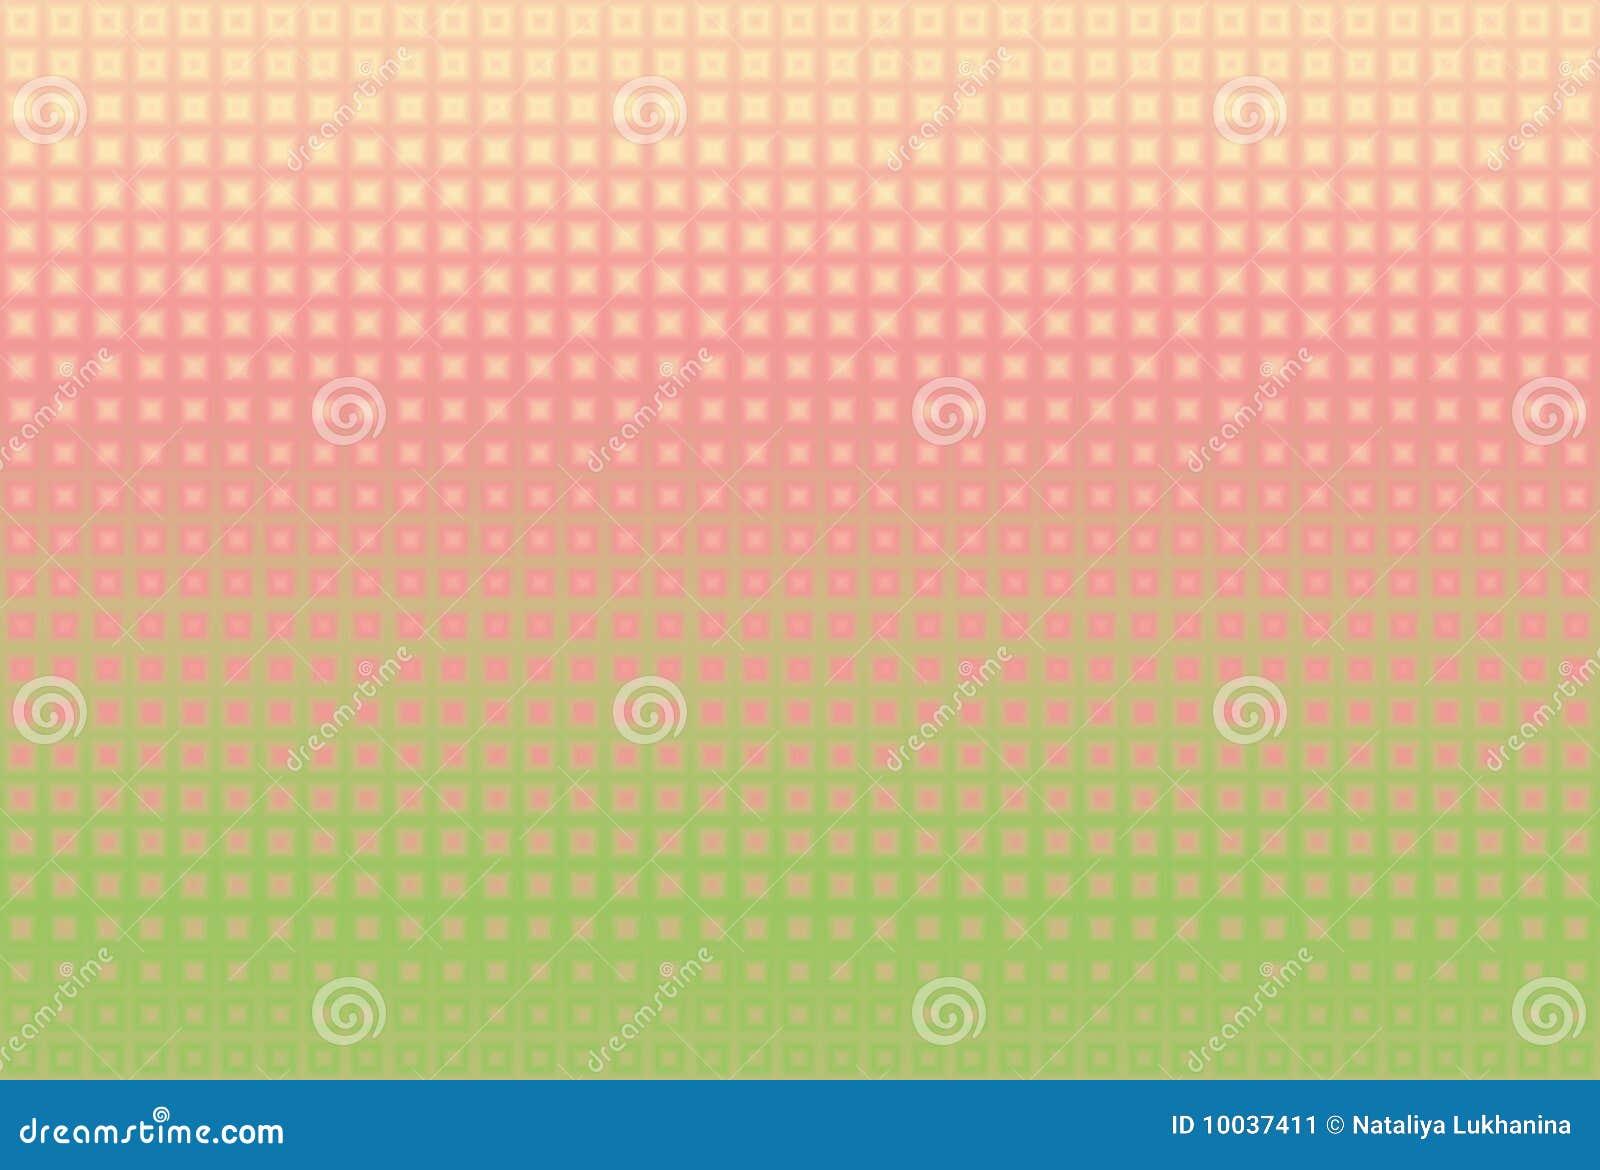 Fondo abstracto multicolor con un modelo